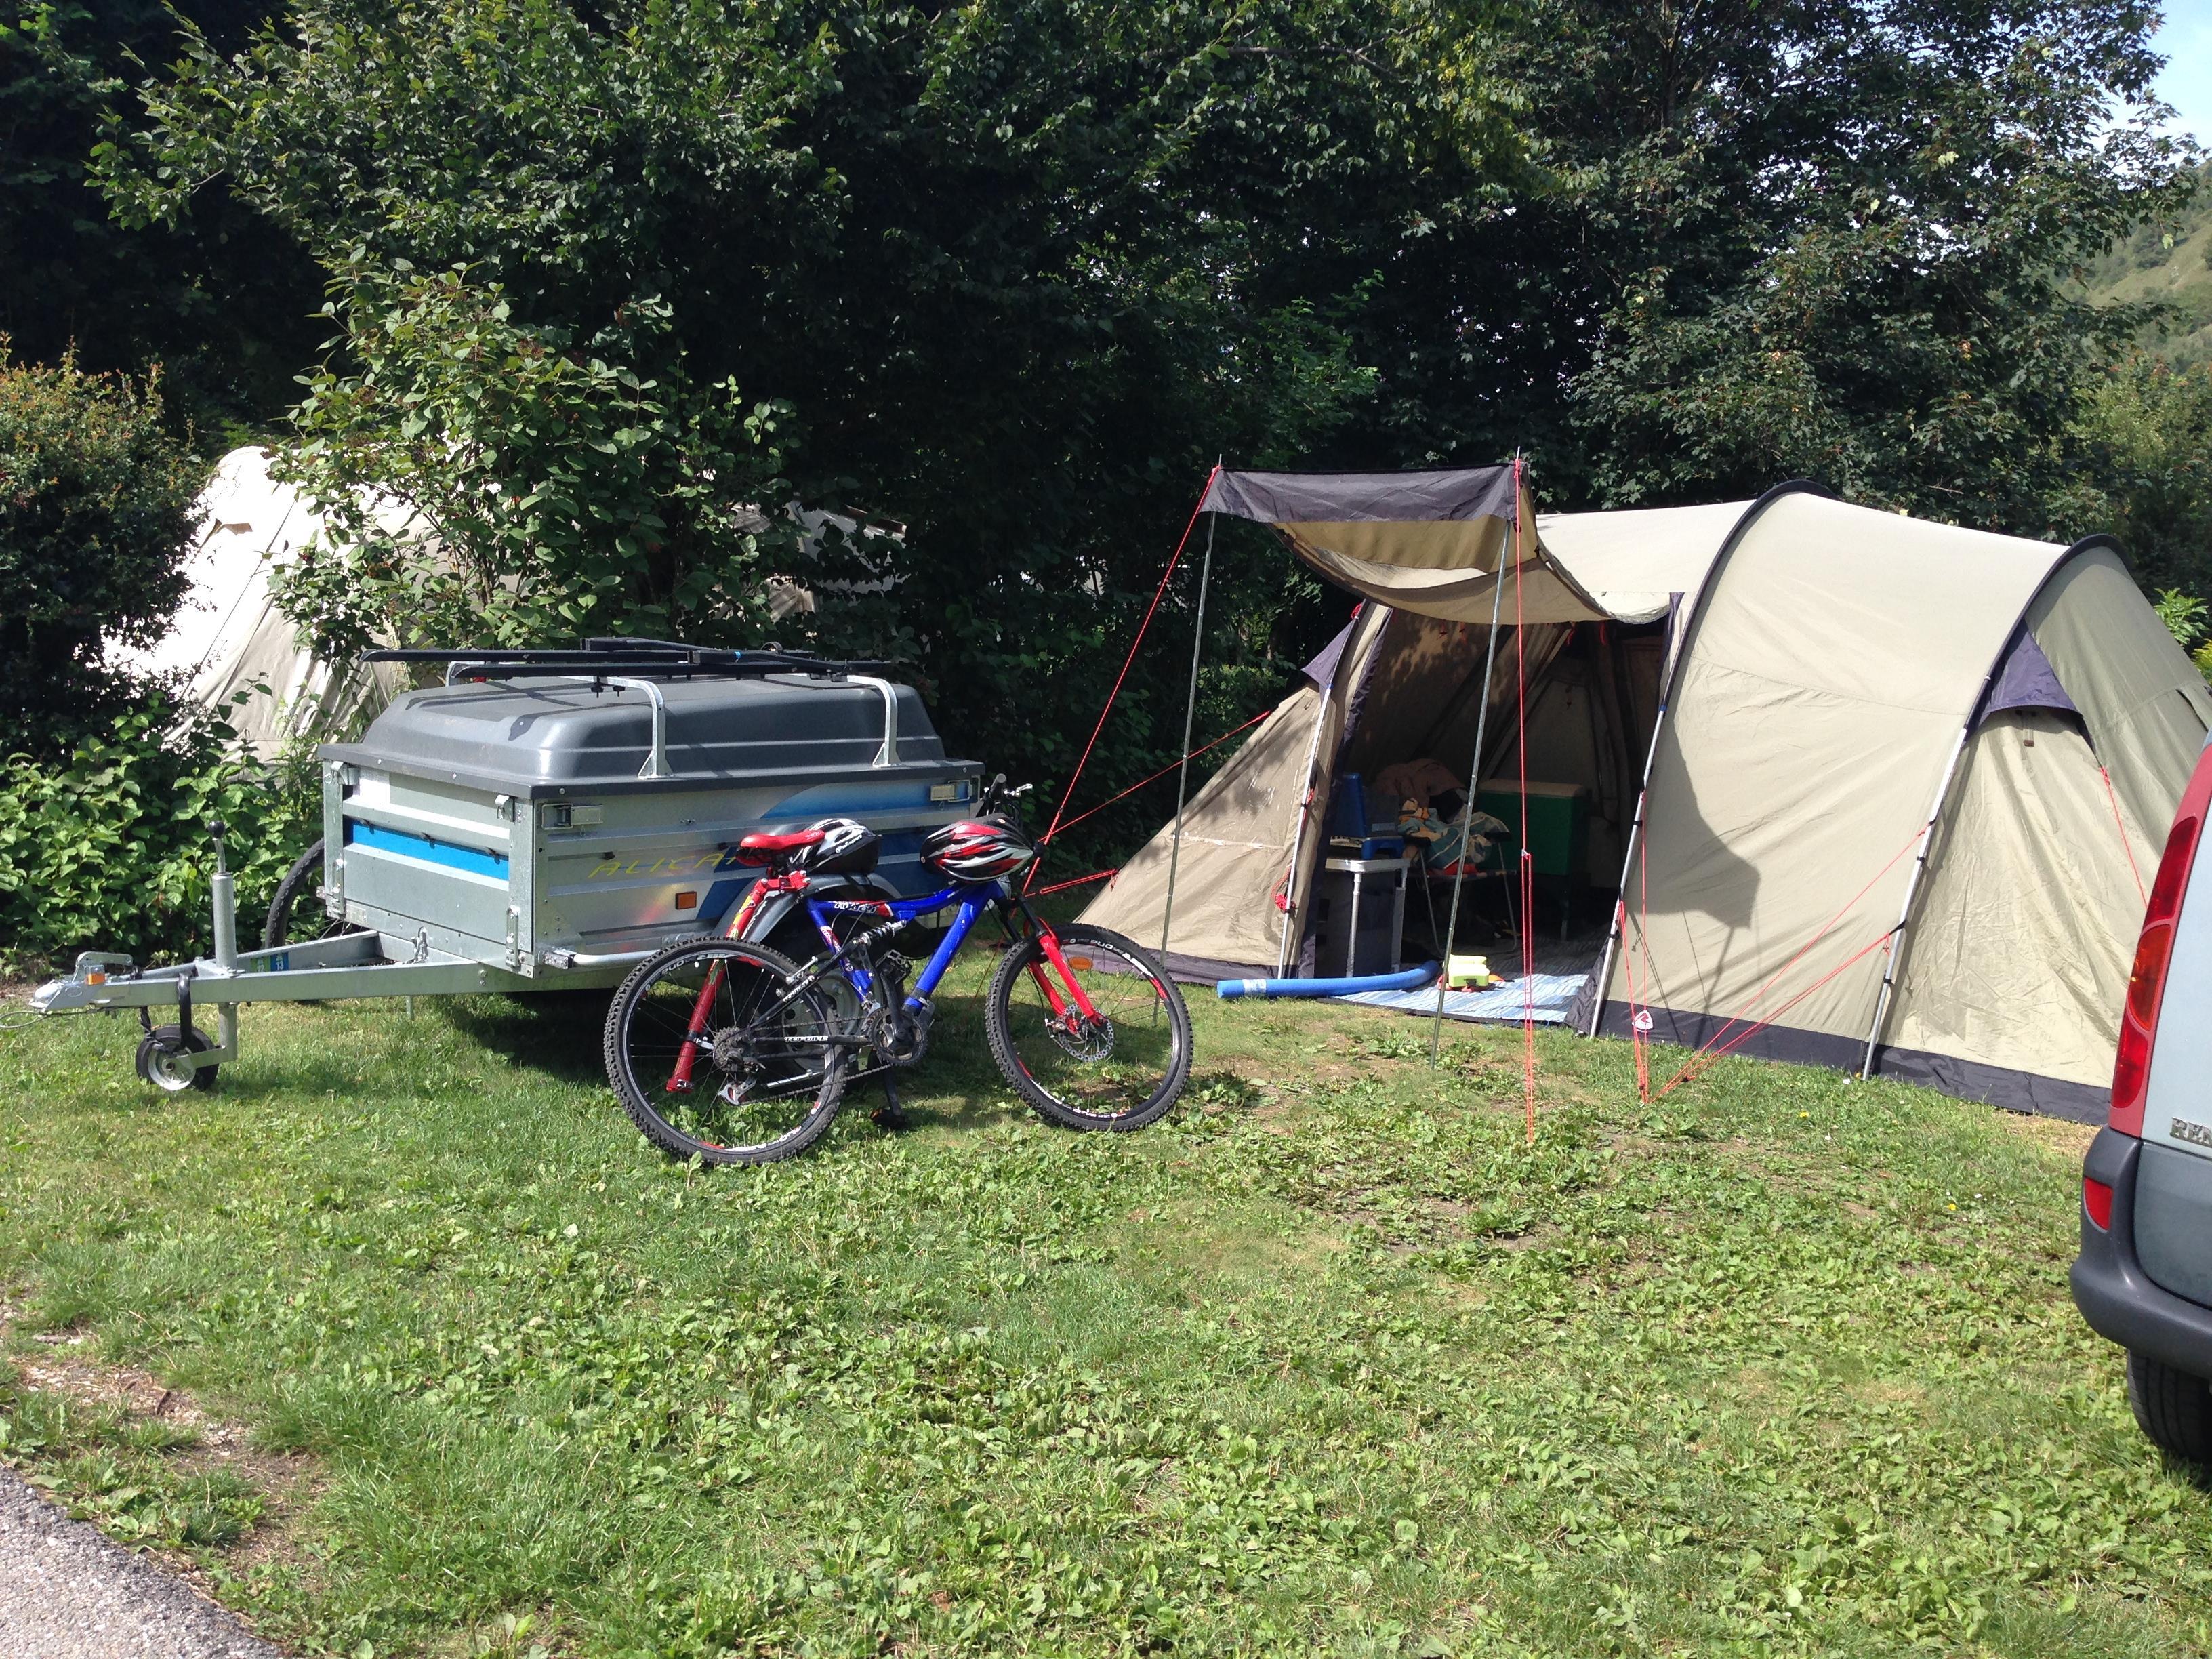 Emplacement - Forfait Confort Emplacement Classique 100M² (1 Tente, 1 Caravane Ou 1 Camping-Car / 1 Voiture / Électricité 6A) + Raccordement Eau Et Évacuation Des Eaux Usées - Camping L'Eden de la Vanoise